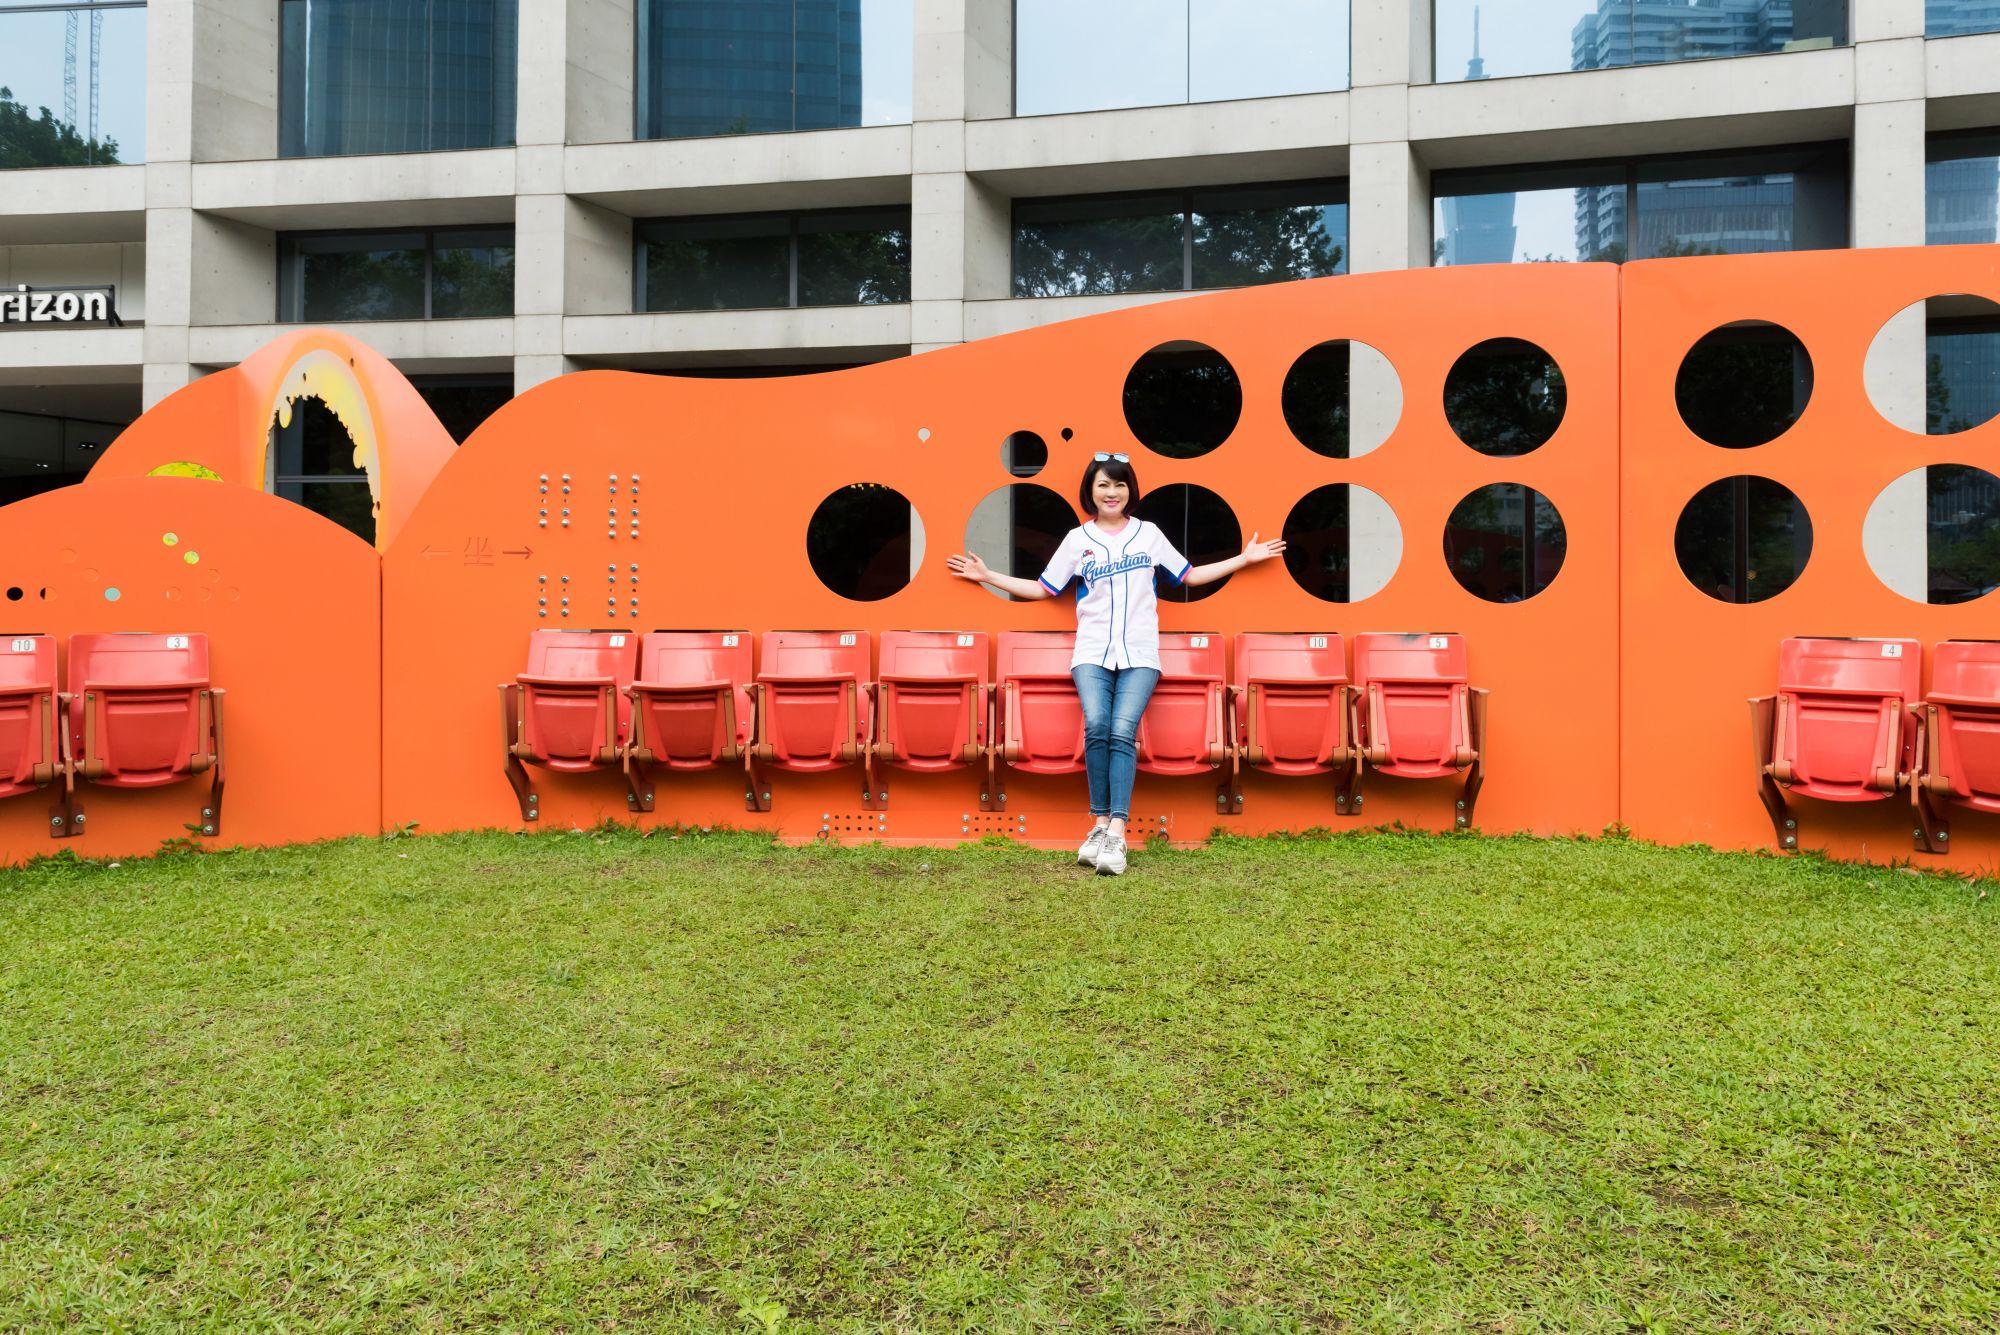 一份獻給城市的禮物!2019粉樂町「席、息相關Chair • Present」裝置藝術,發掘城市與人的嶄新關係